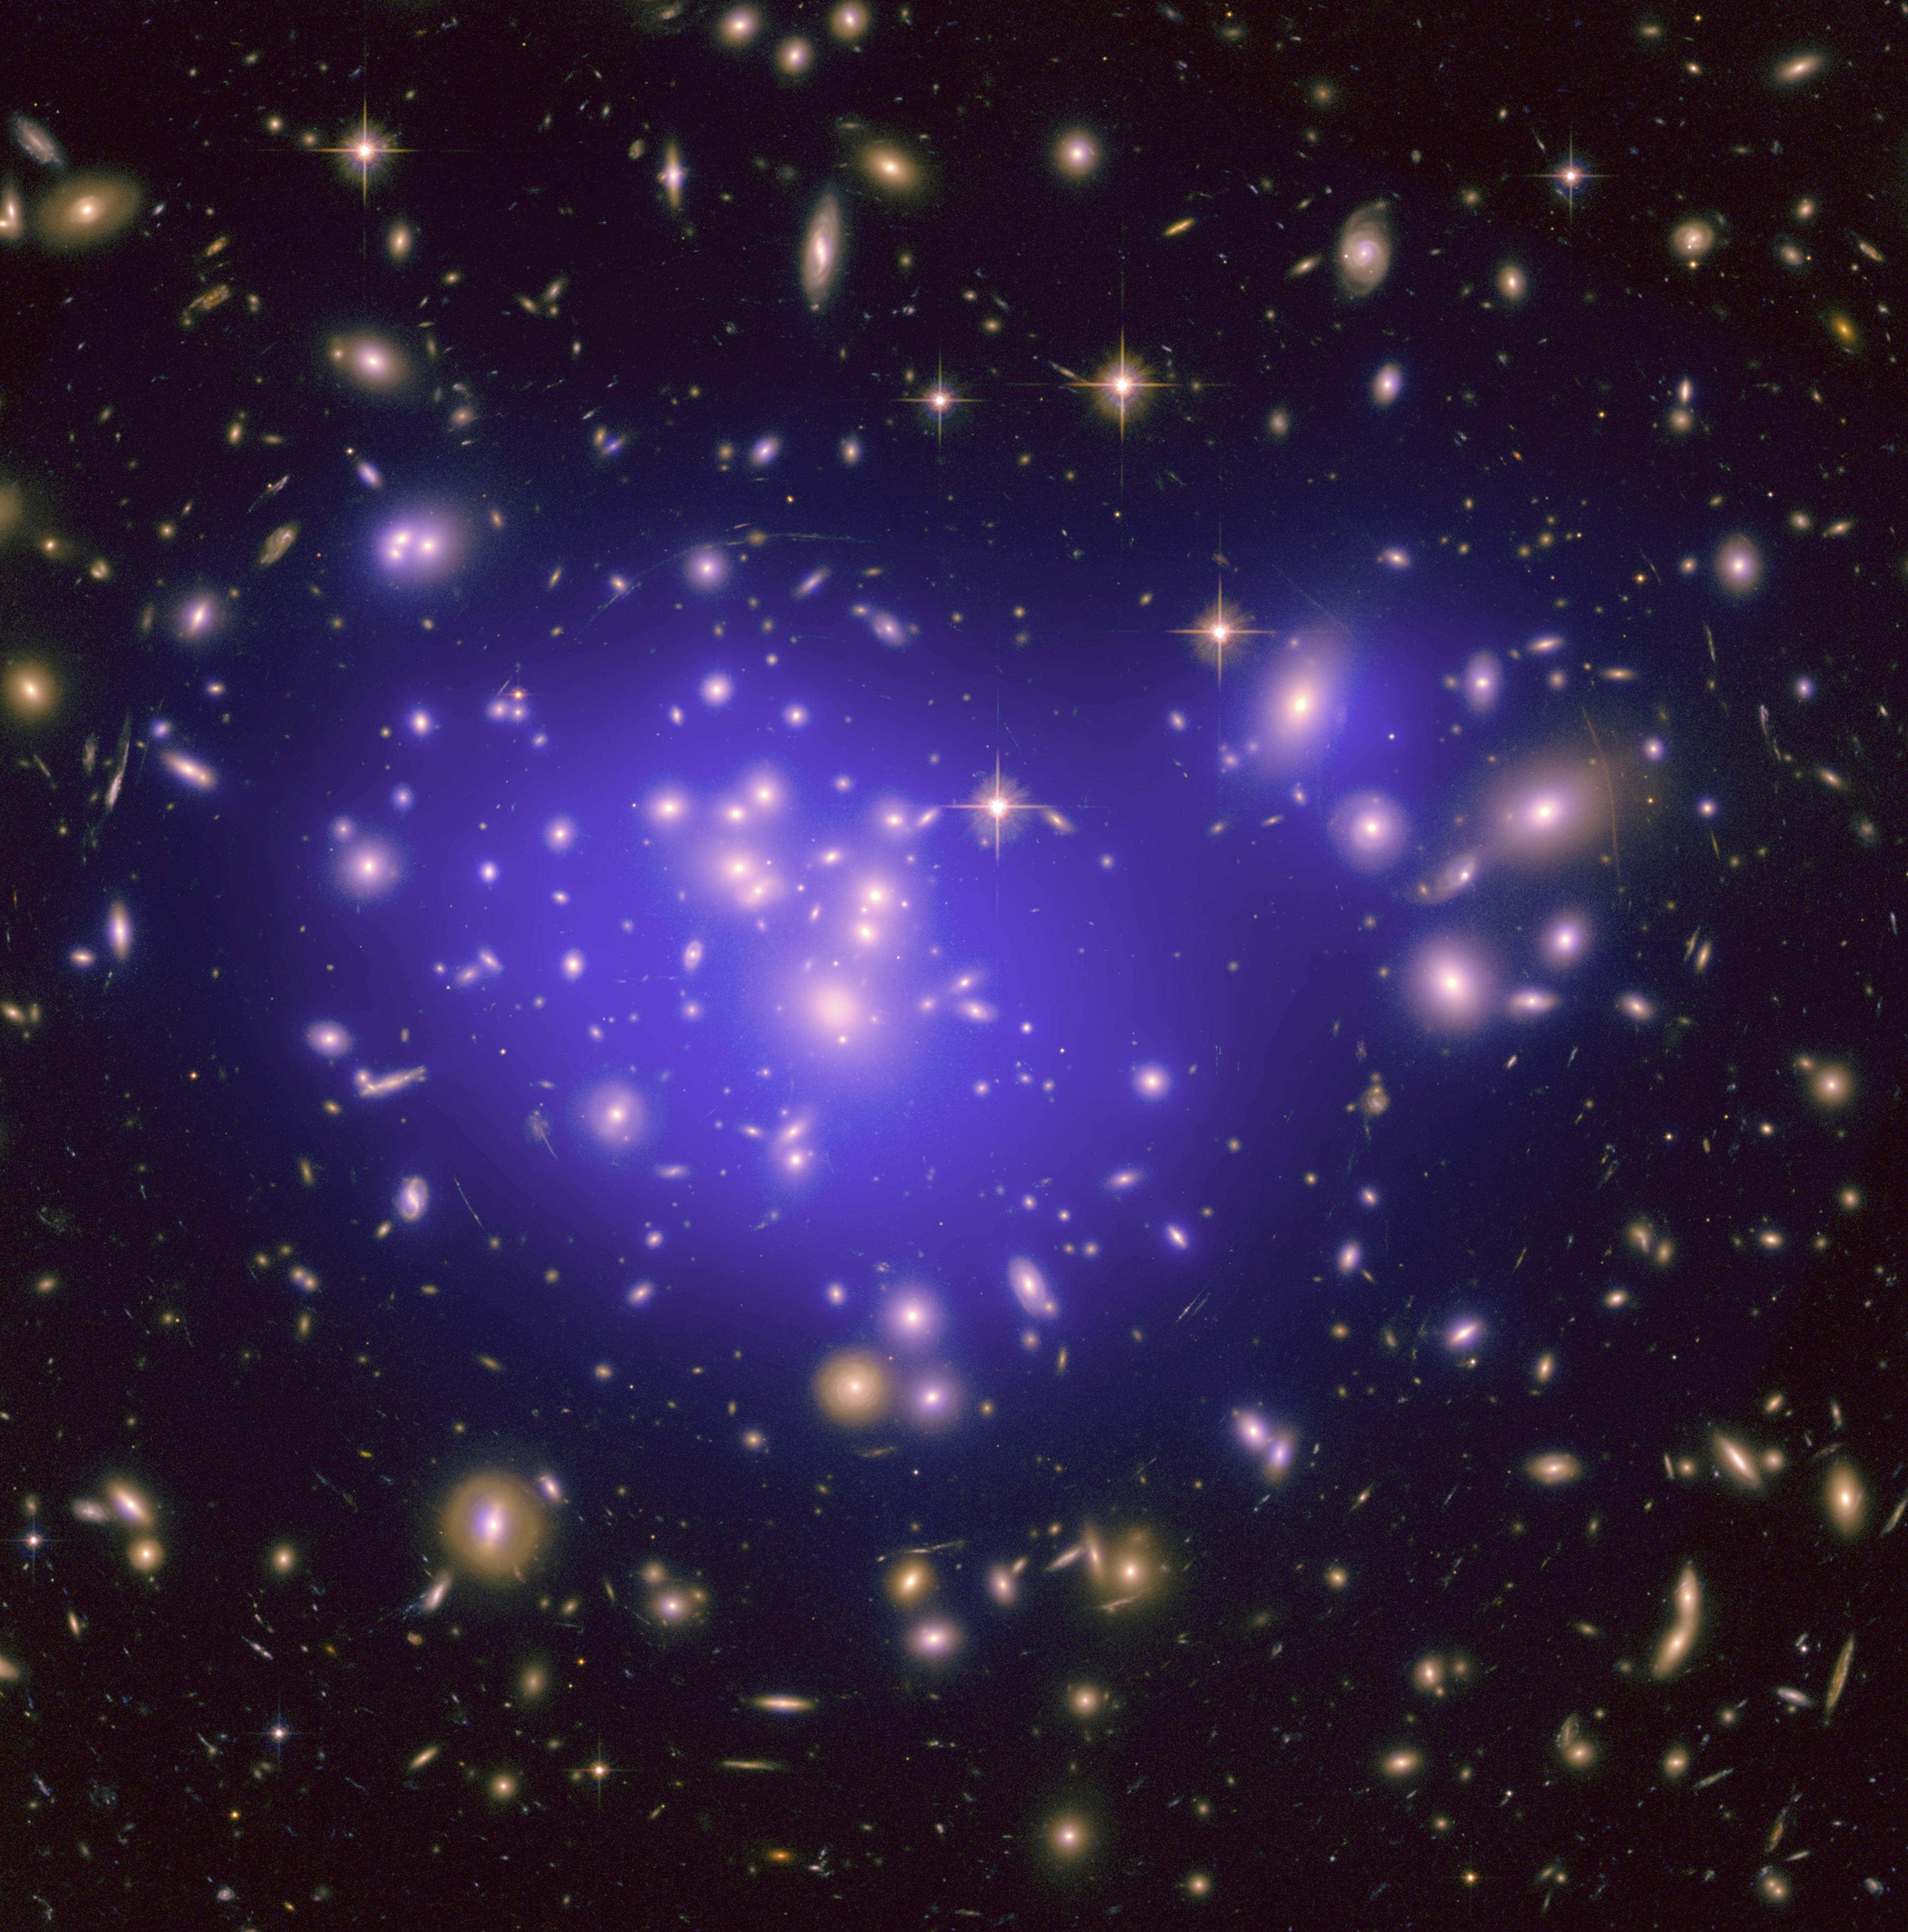 1.Lente gravitacional causada por la materia oscura en el cluster de Abell . Fuente: Wikimedia